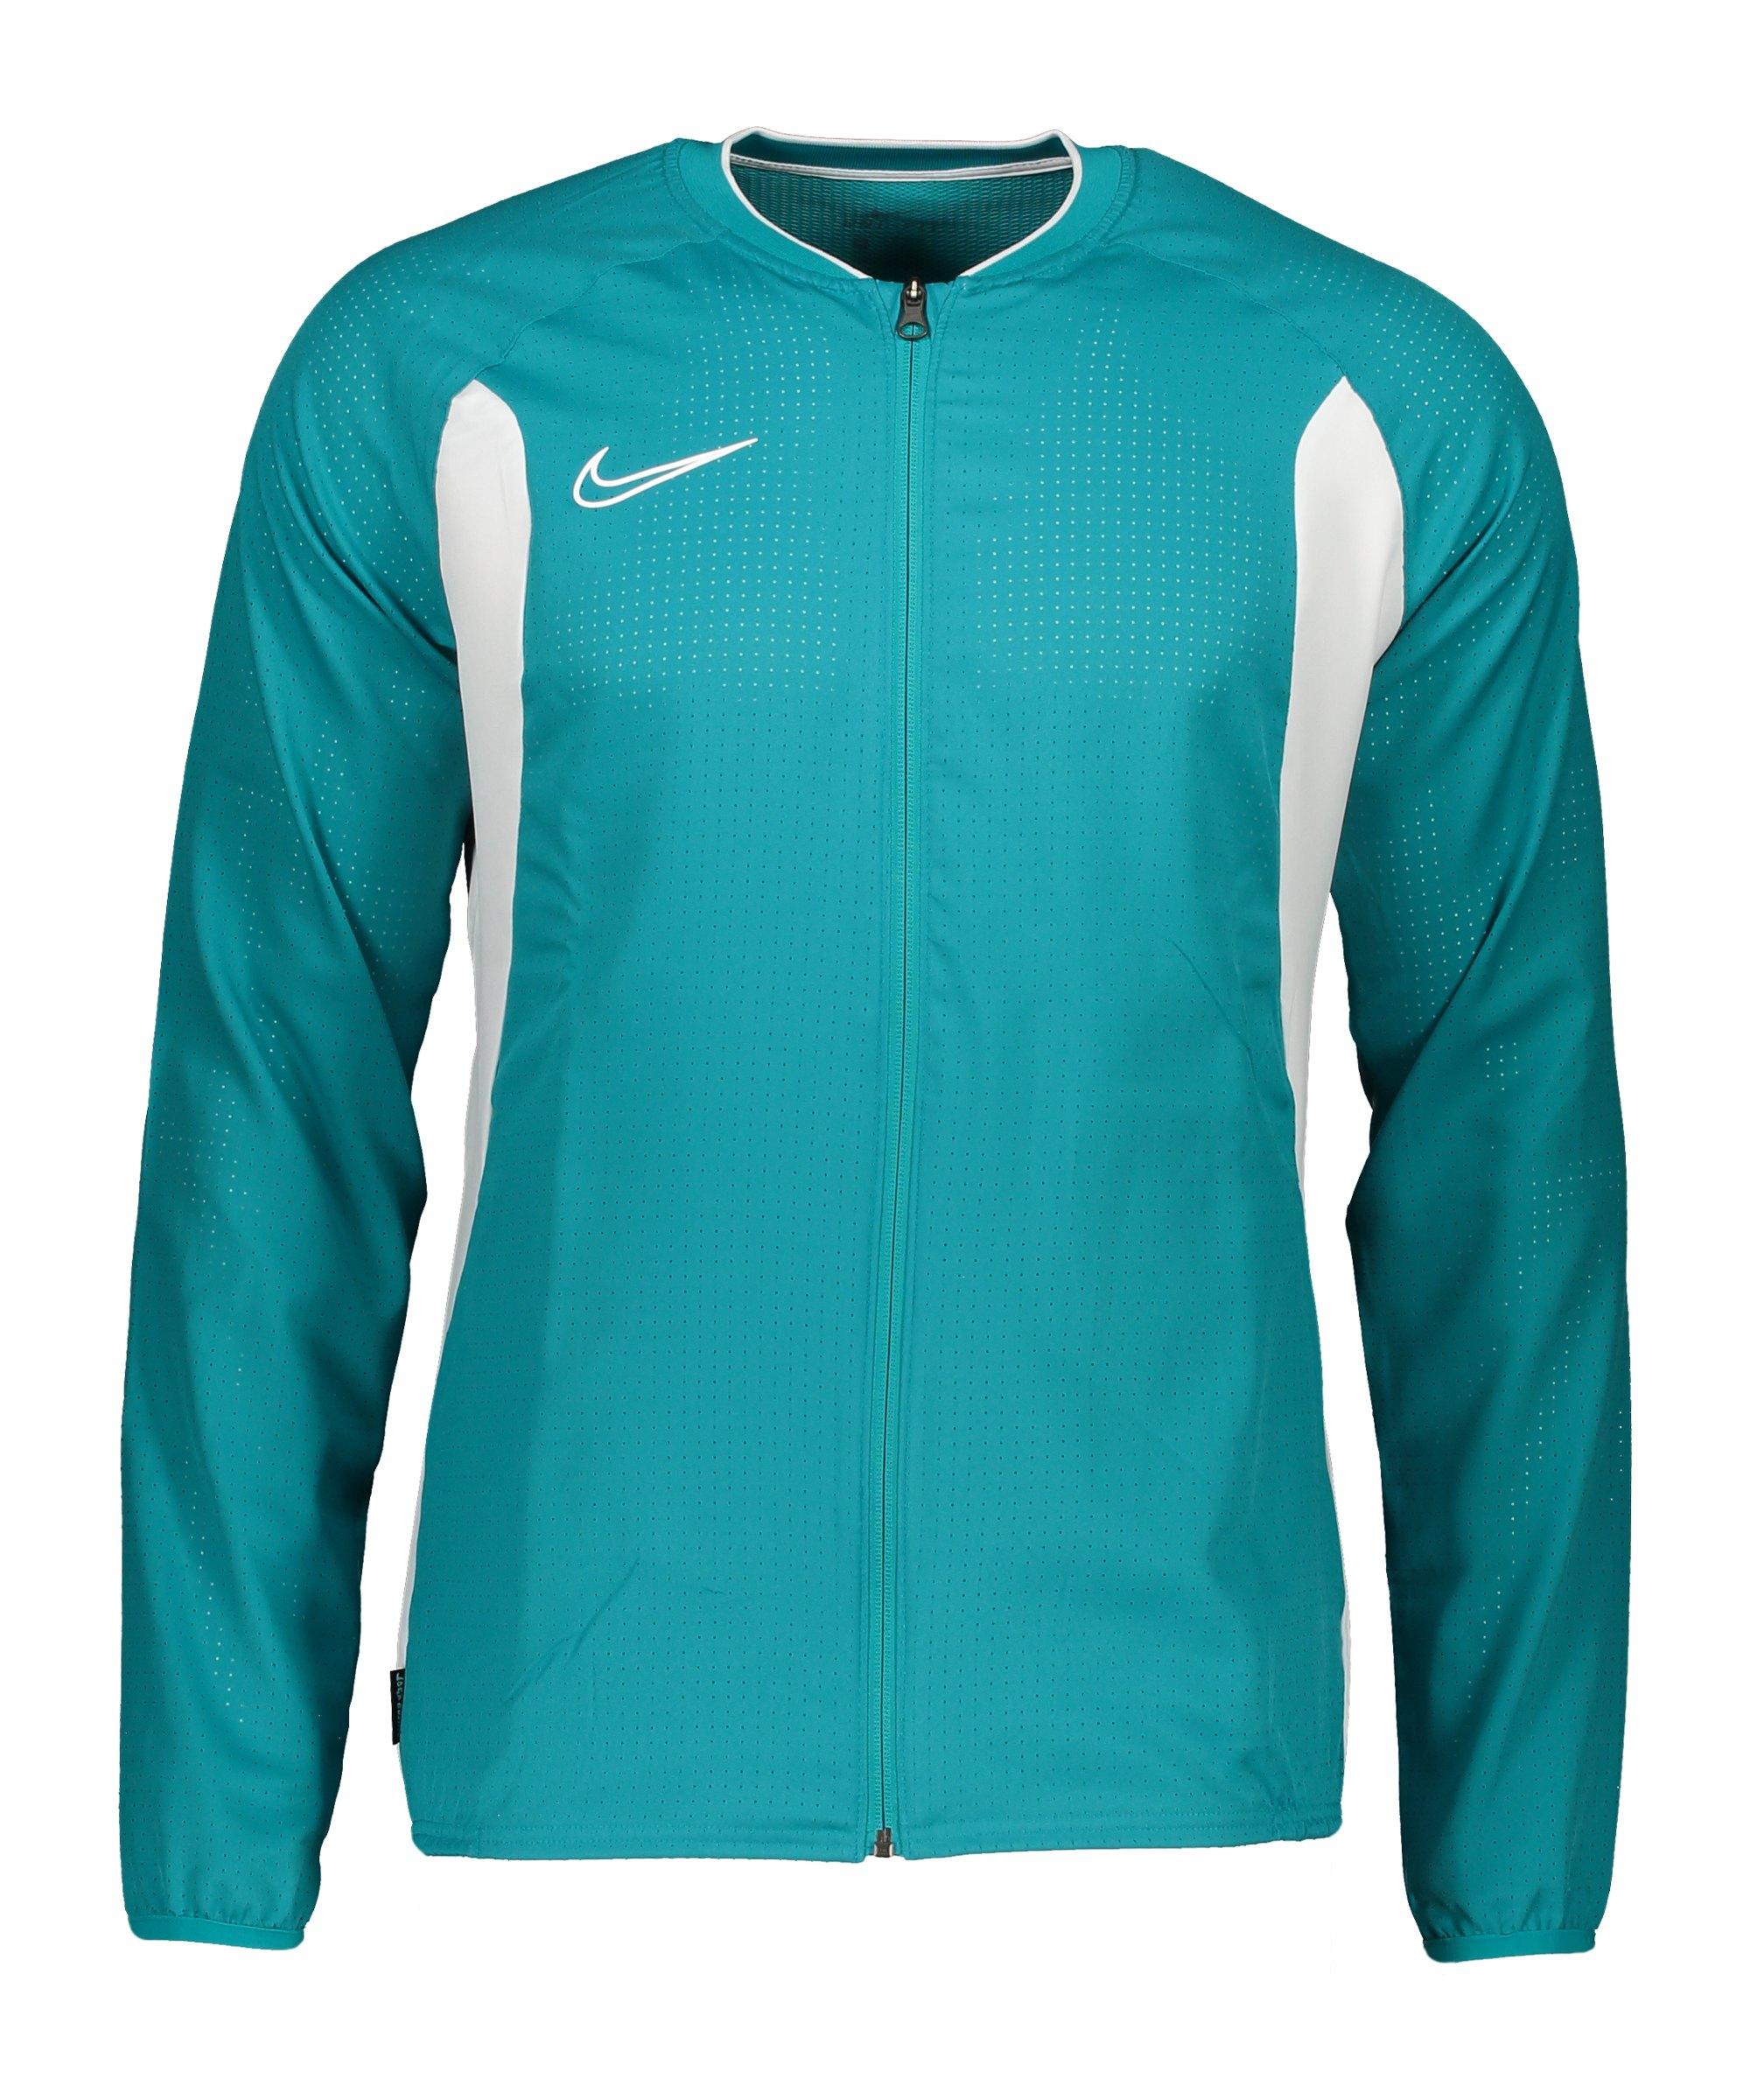 Nike Academy Dri-FIT Trainingsjacke Blau F356 - tuerkis